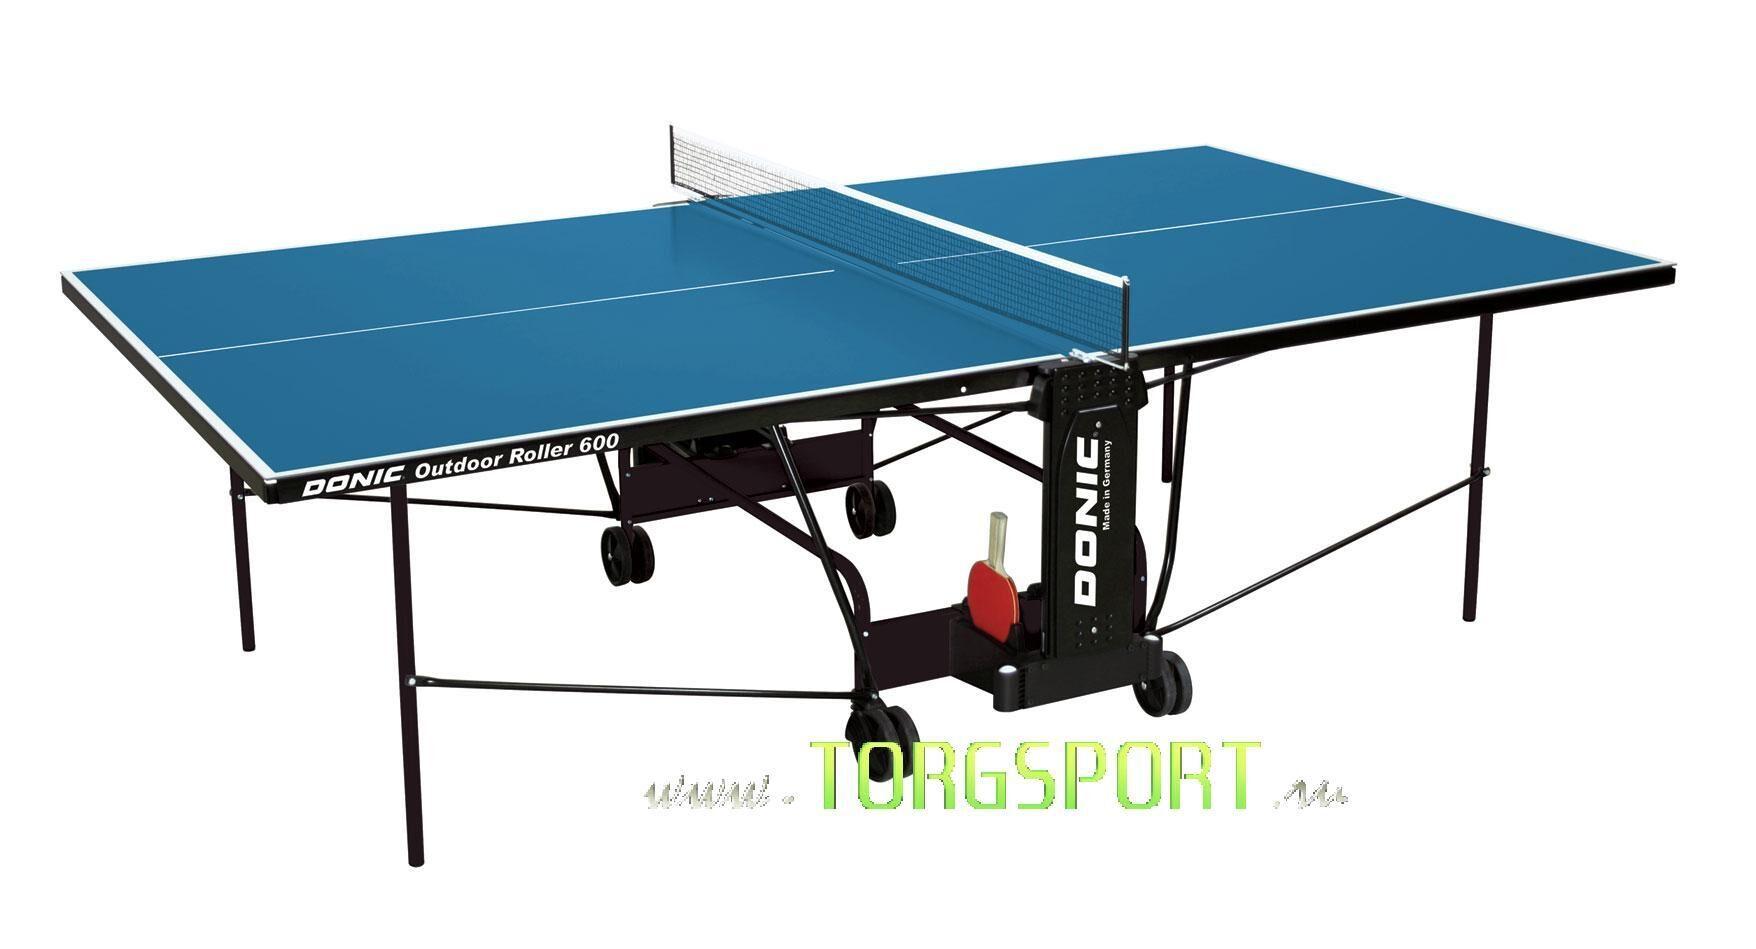 Всепогодный Теннисный стол Donic Outdoor Roller 600 blue 230293-B